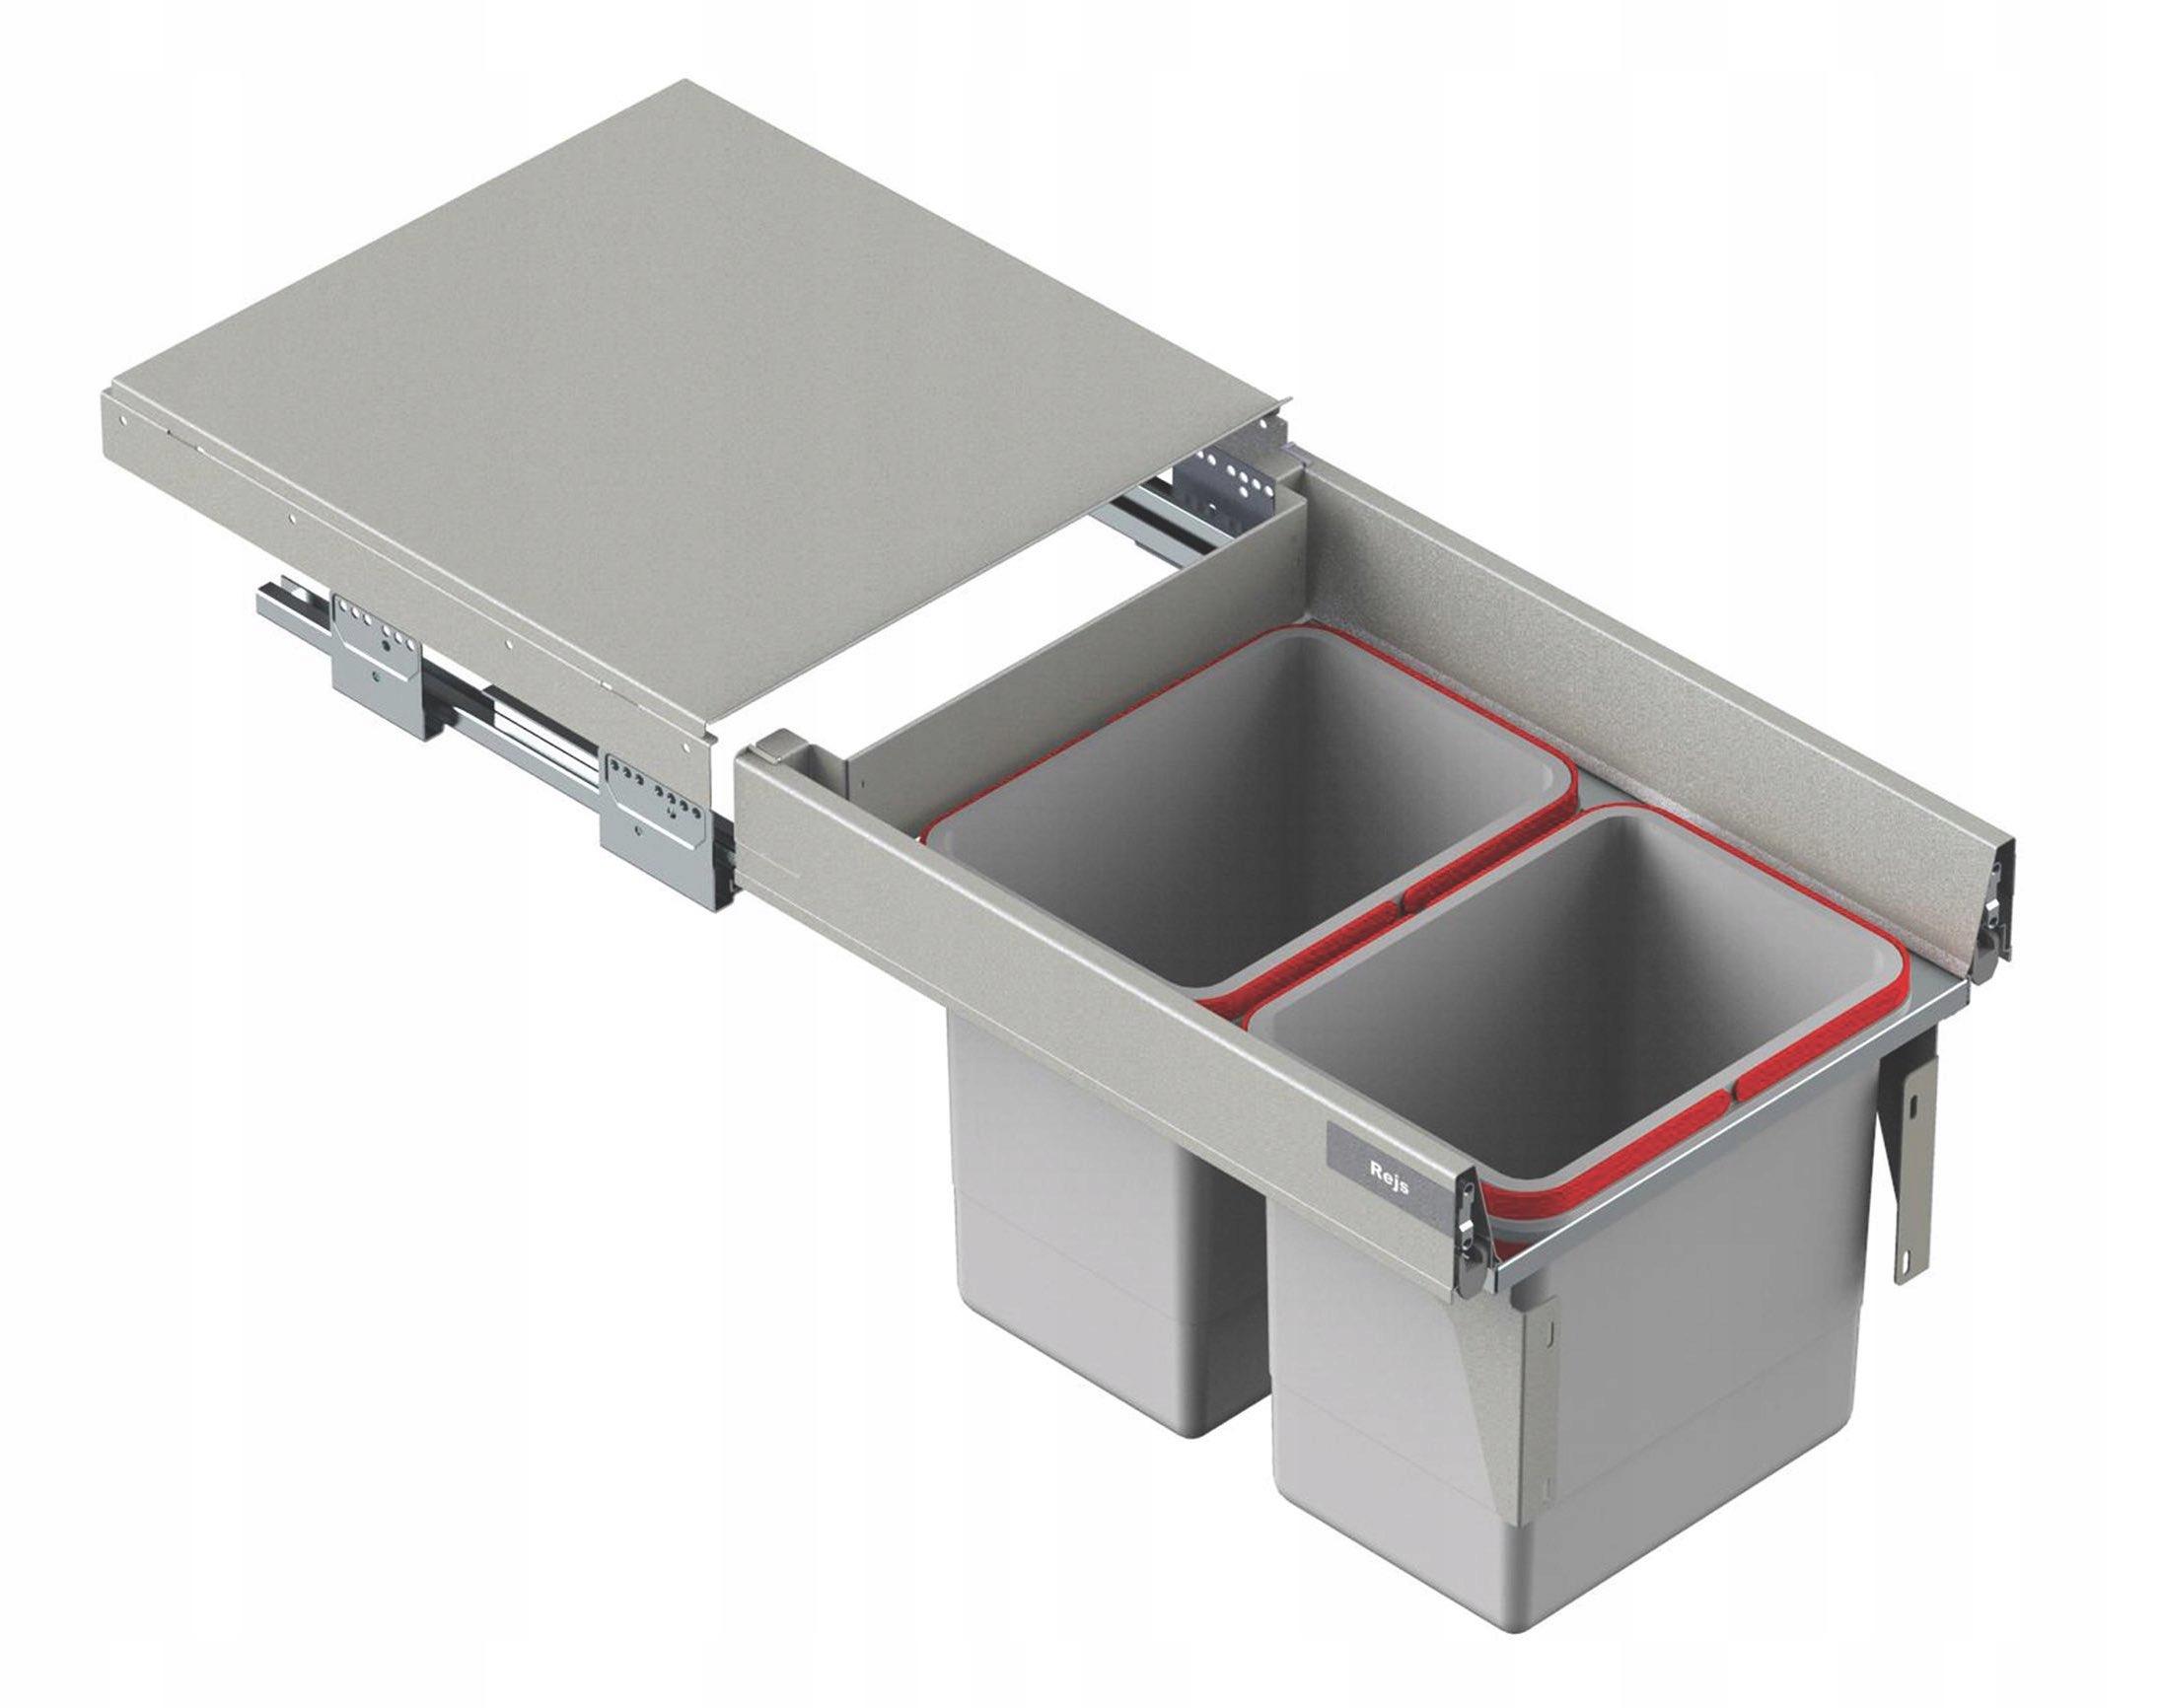 BOX NA ODPADOVANIE ODPADOVÉHO ODPADU 2x15 L PREDNÉ 45 L-500